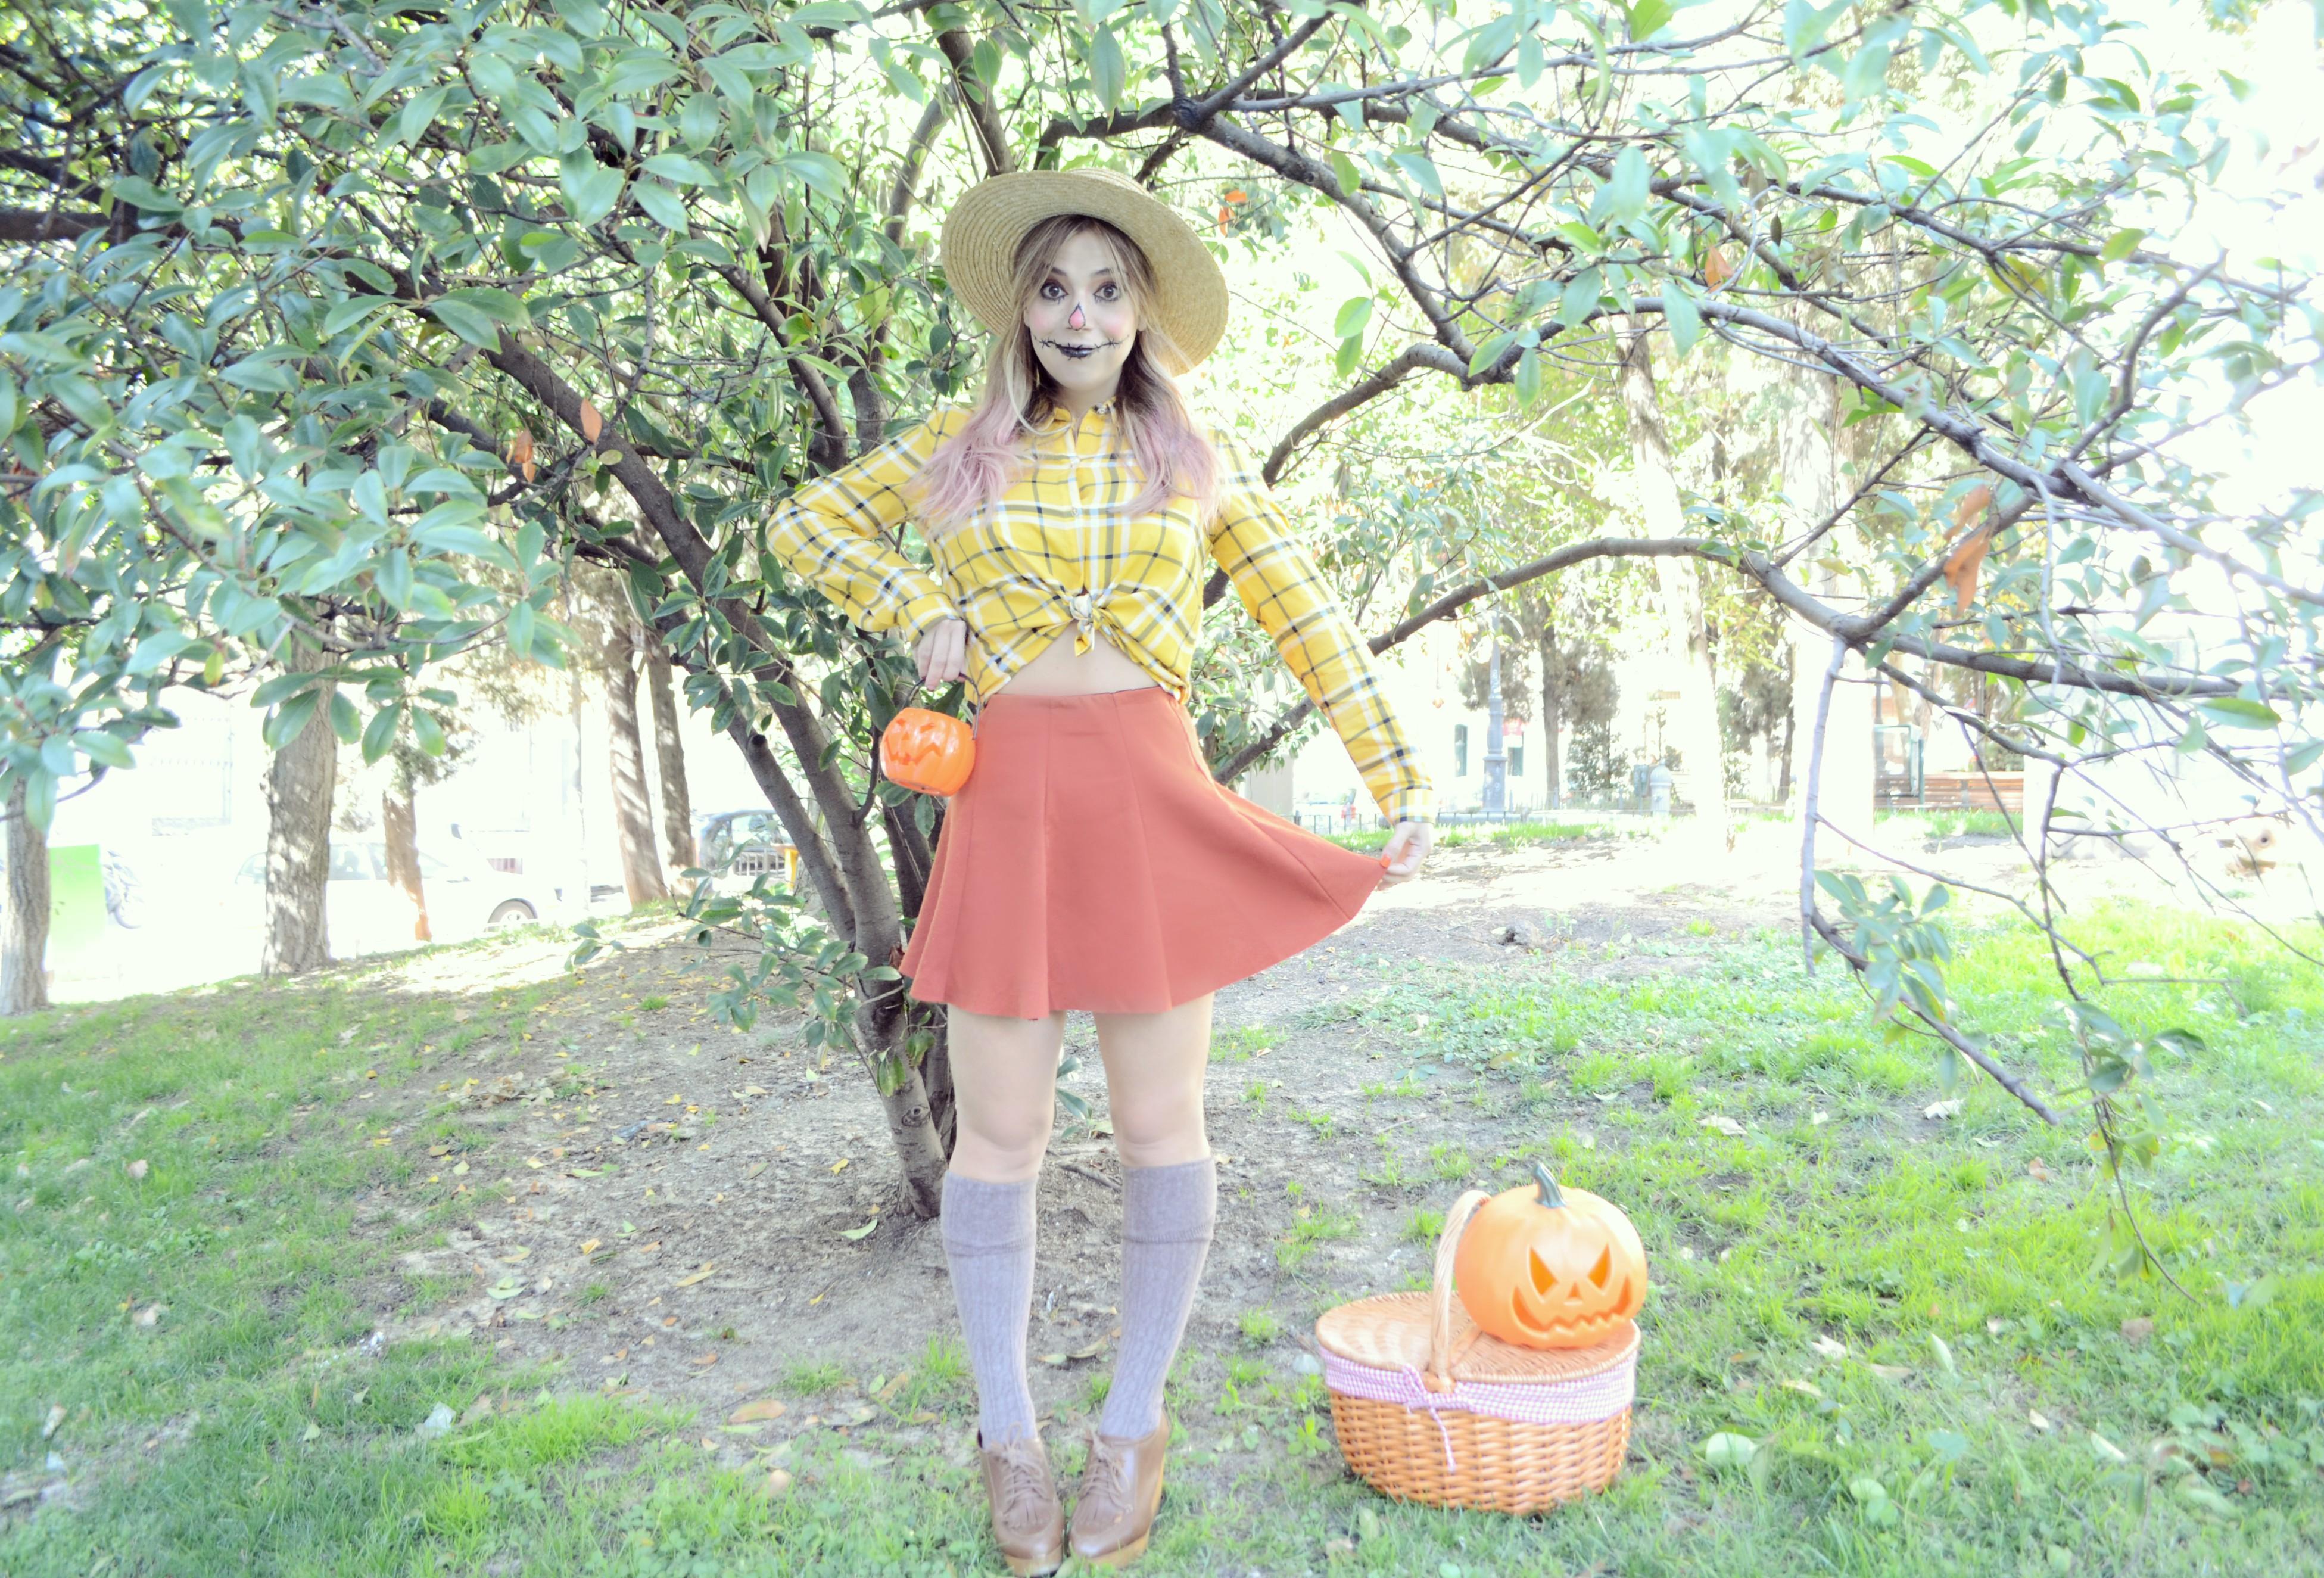 Disfraz-de-espantapajaros-para-Halloween-ChicAdicta-influencer-Chic-Adicta-fashionista-blog-de-moda-Urvan-Madrid-PiensaenChic-manicura-a-domicilio-Piensa-en-Chic